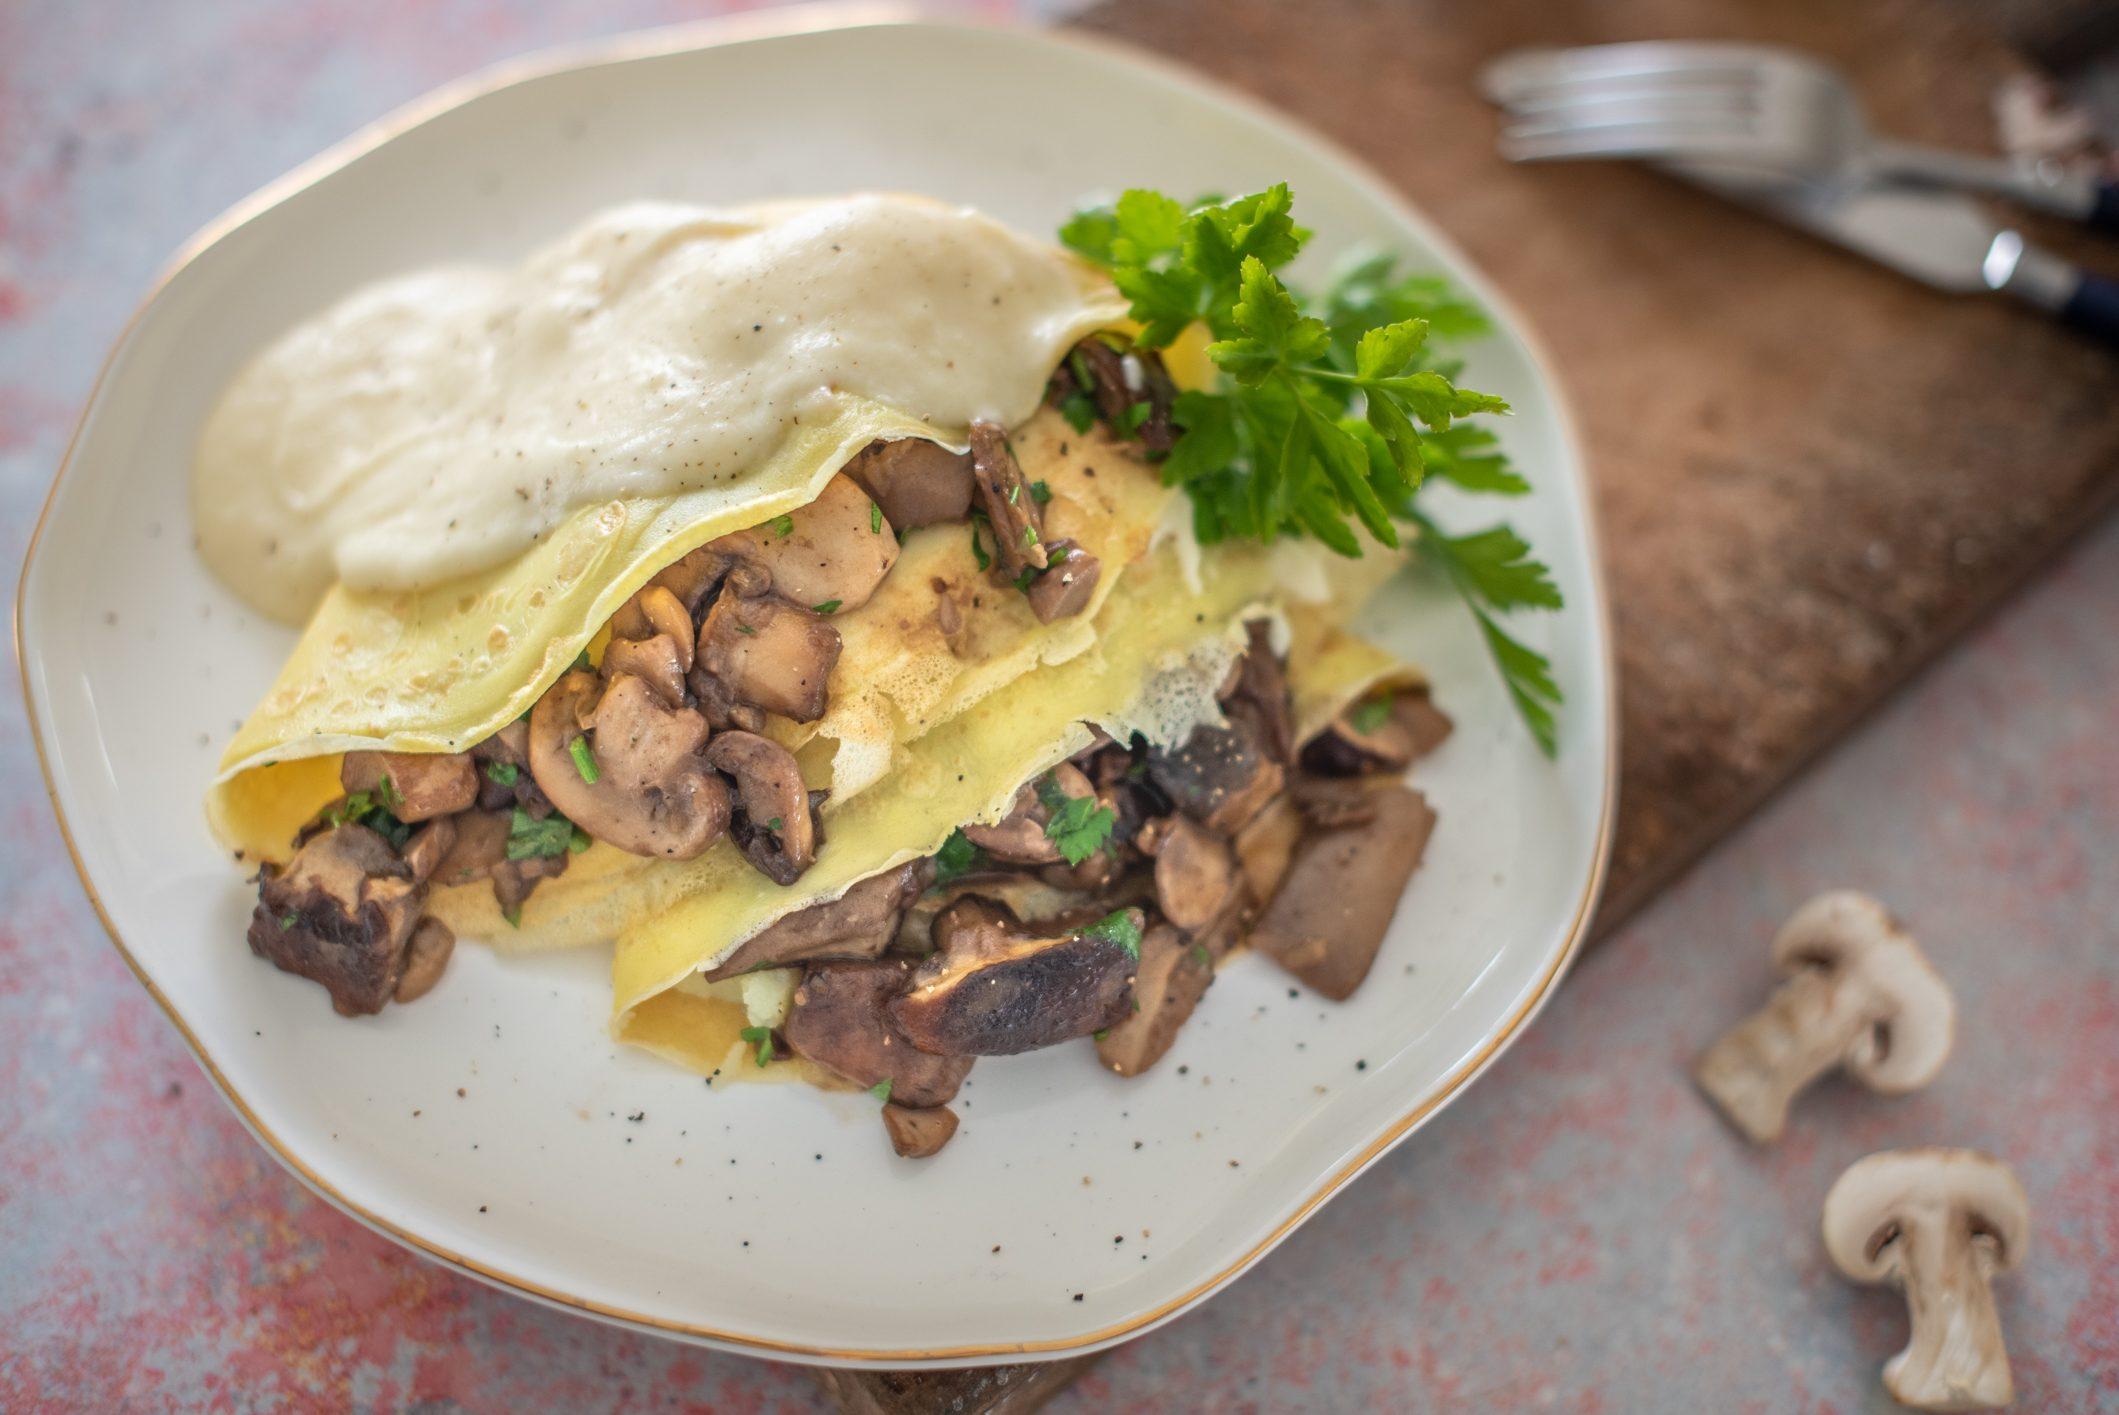 Crespelle ai funghi: la ricetta semplicissima per una cena elegante e sfiziosa